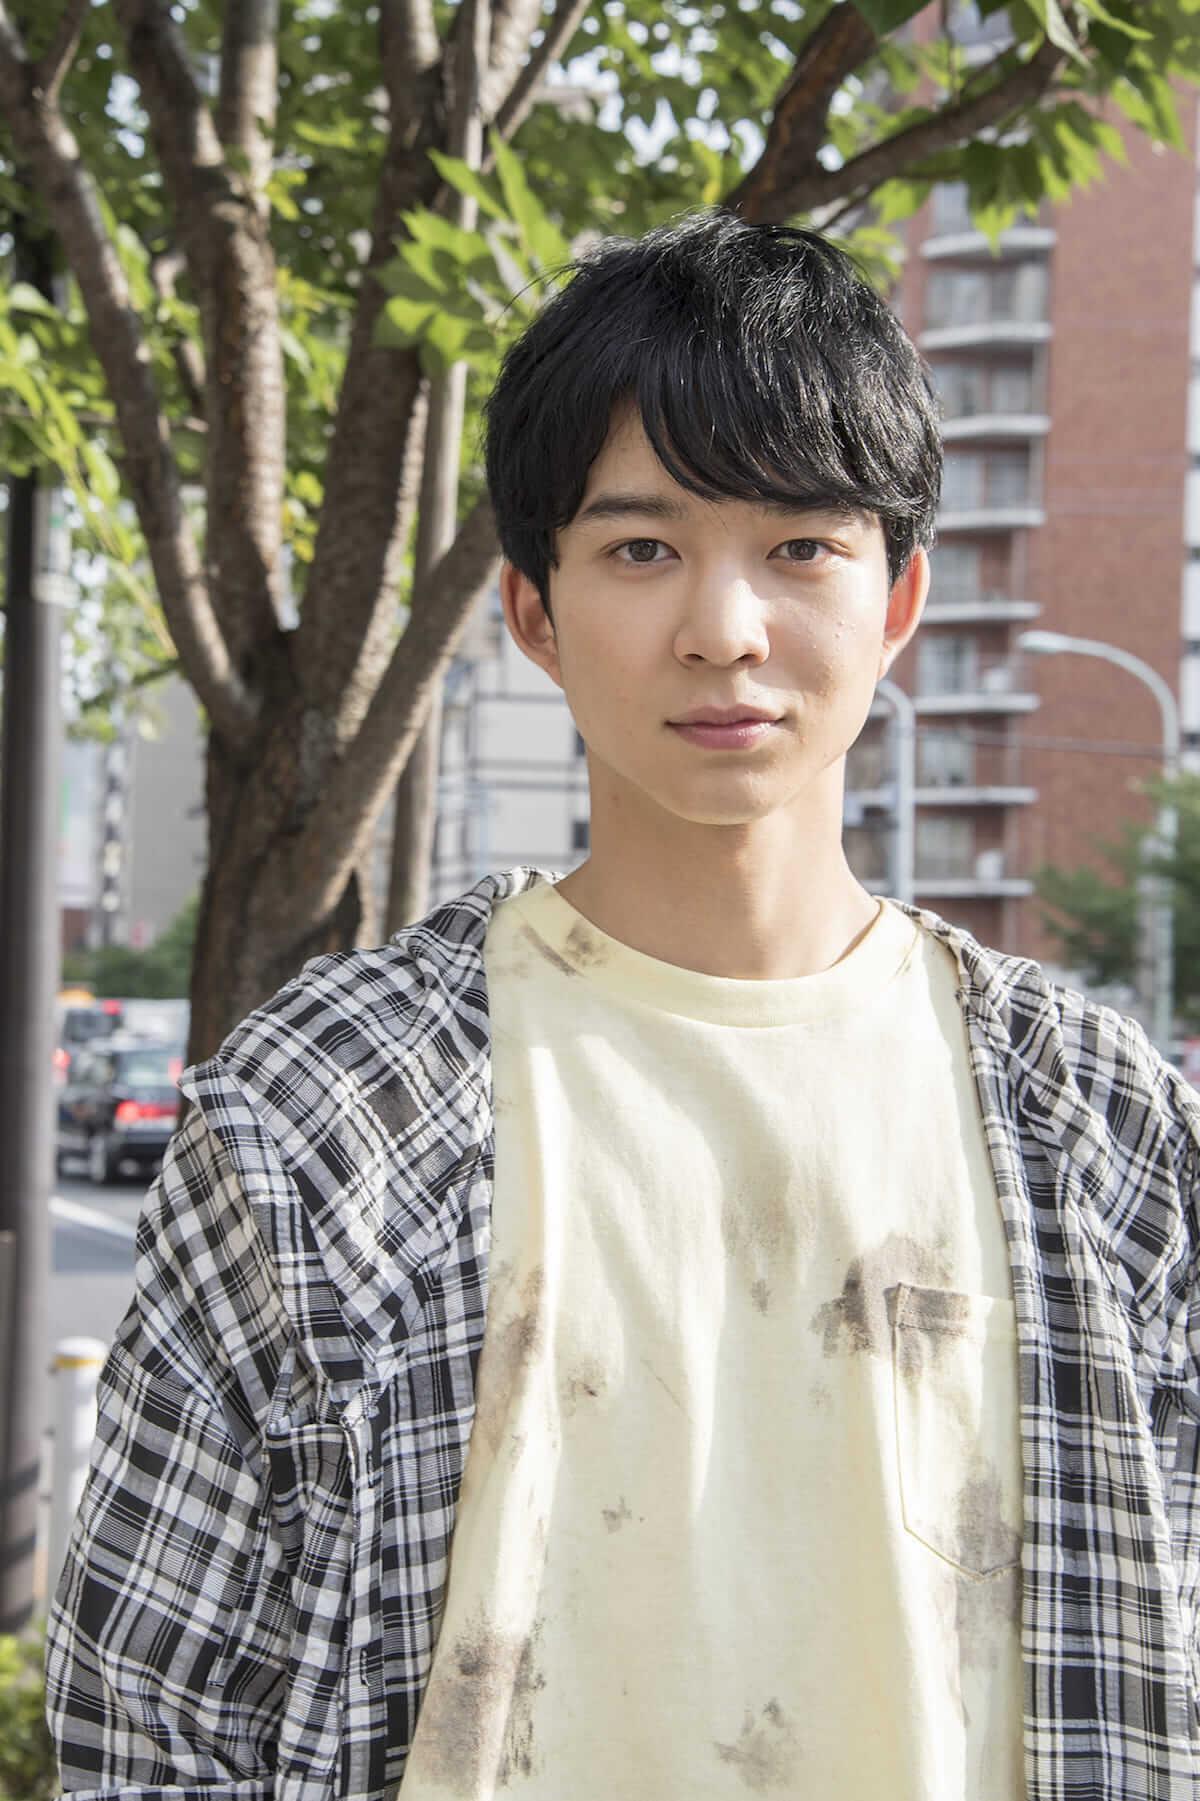 鈴木仁 (俳優)の画像 p1_27